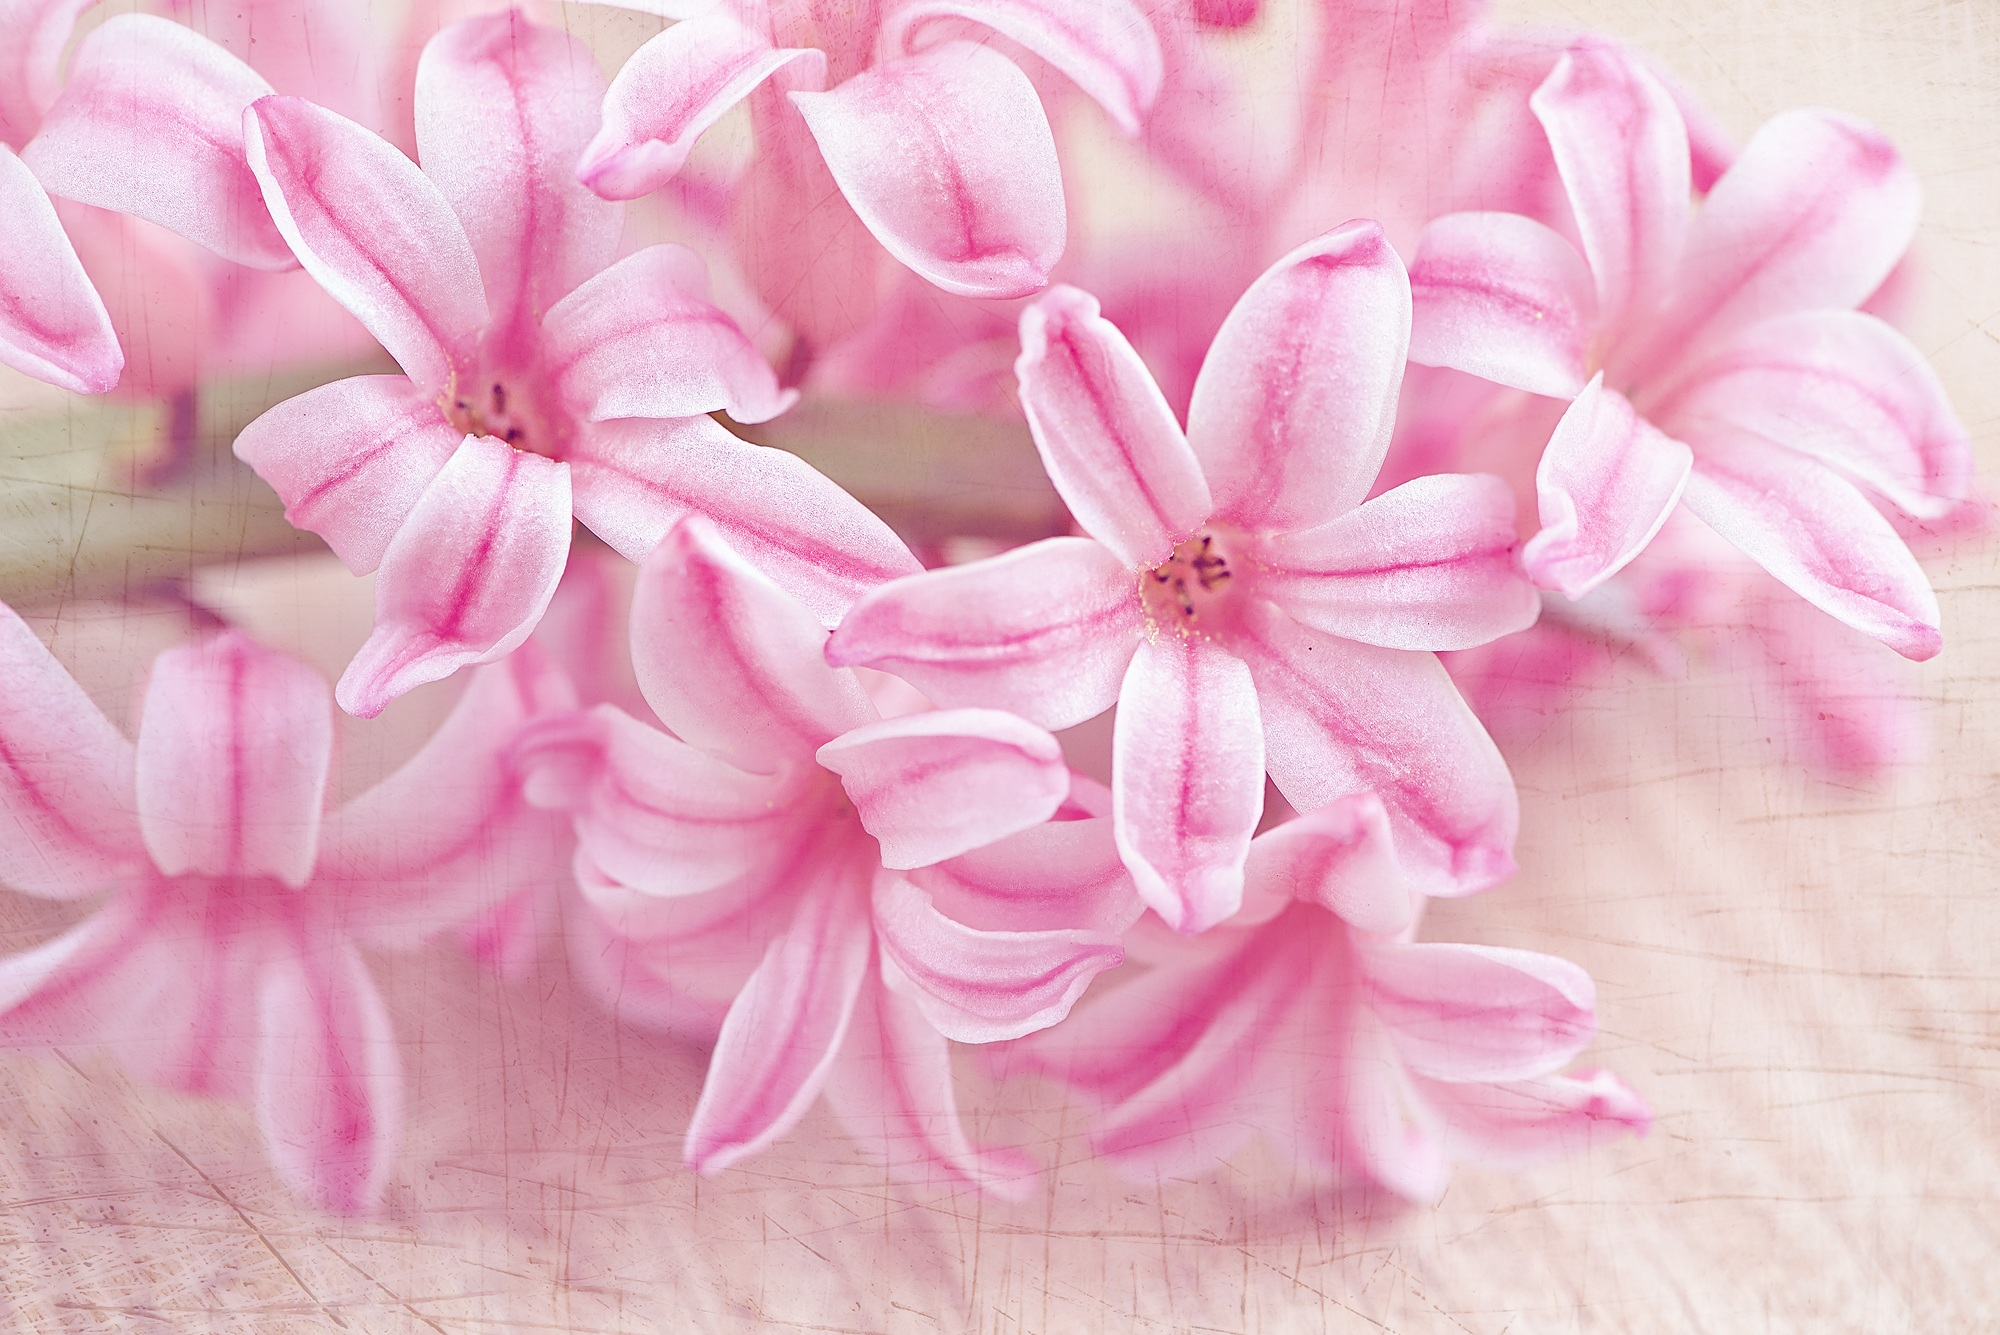 Pink hyacinth photo